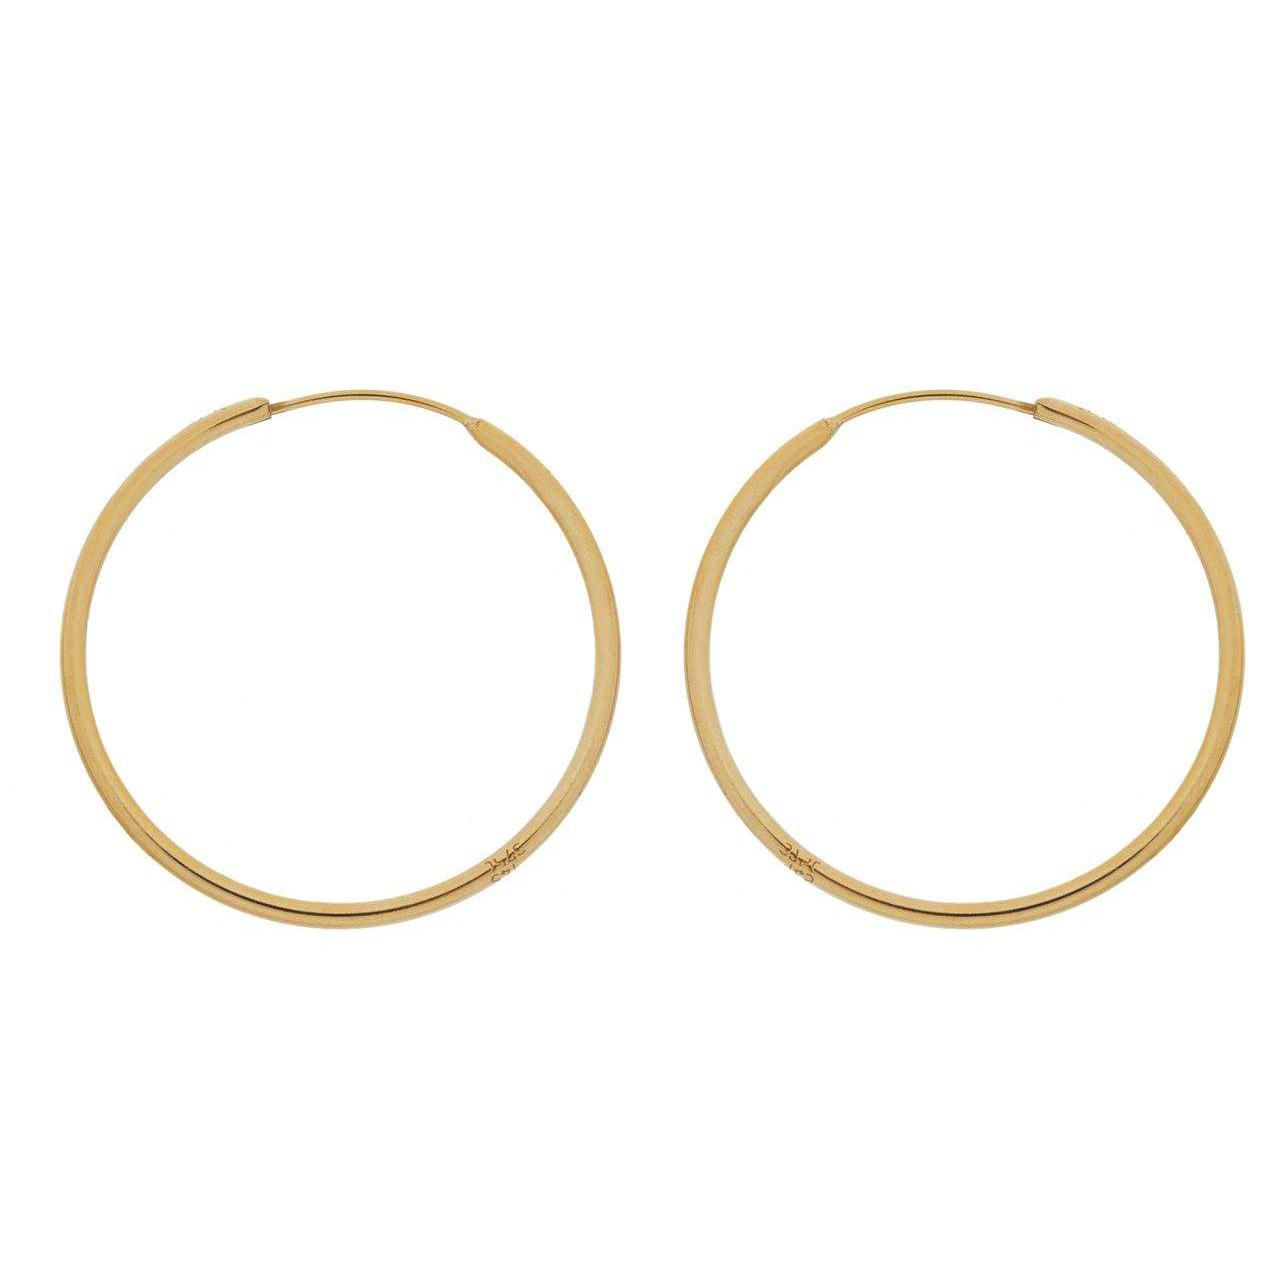 گوشواره طلا 18 عیار گالری گل سرخ مدل 100 |